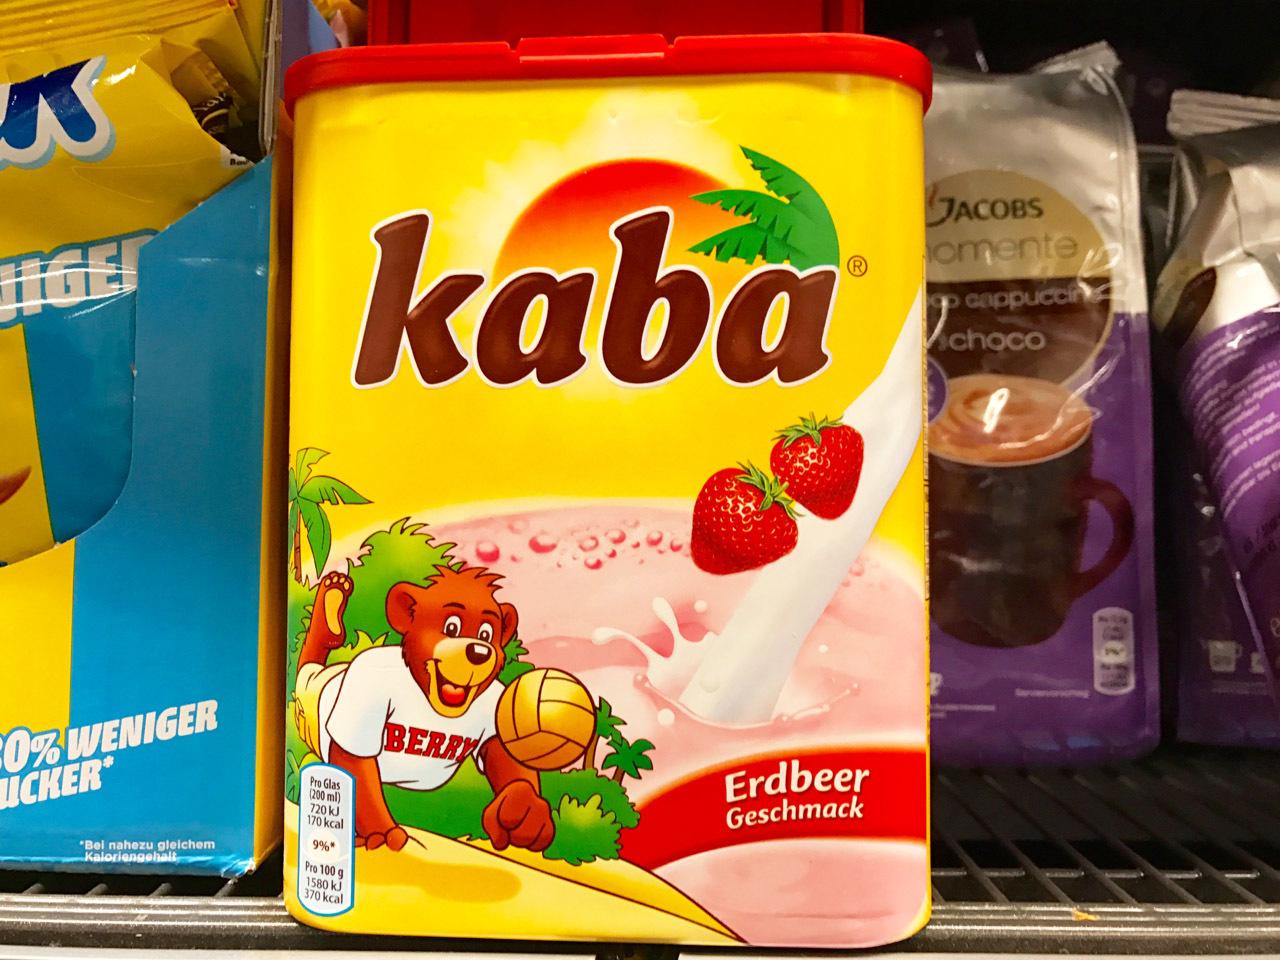 ドイツのスーパーマーケットで見かける日本語_e0175918_04574520.jpg